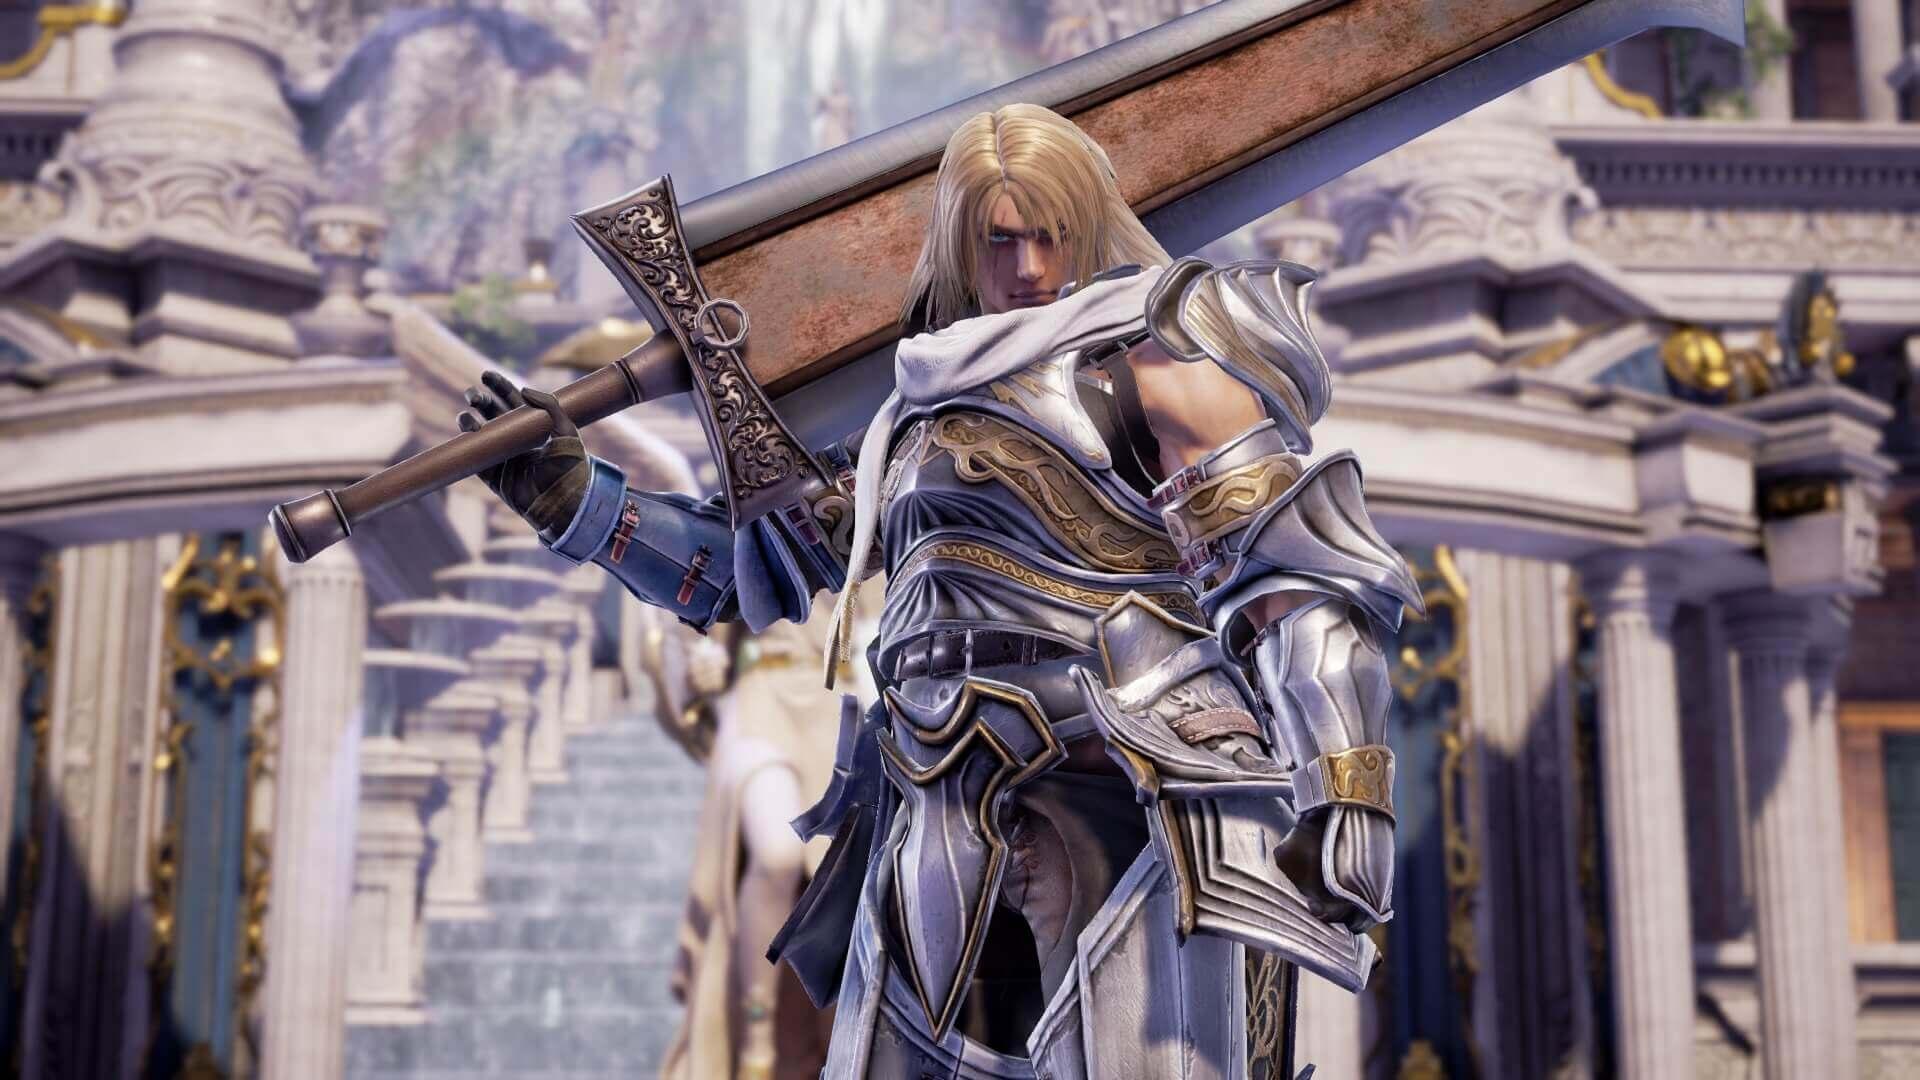 Soulcalibur VI Siegfred Screen 3